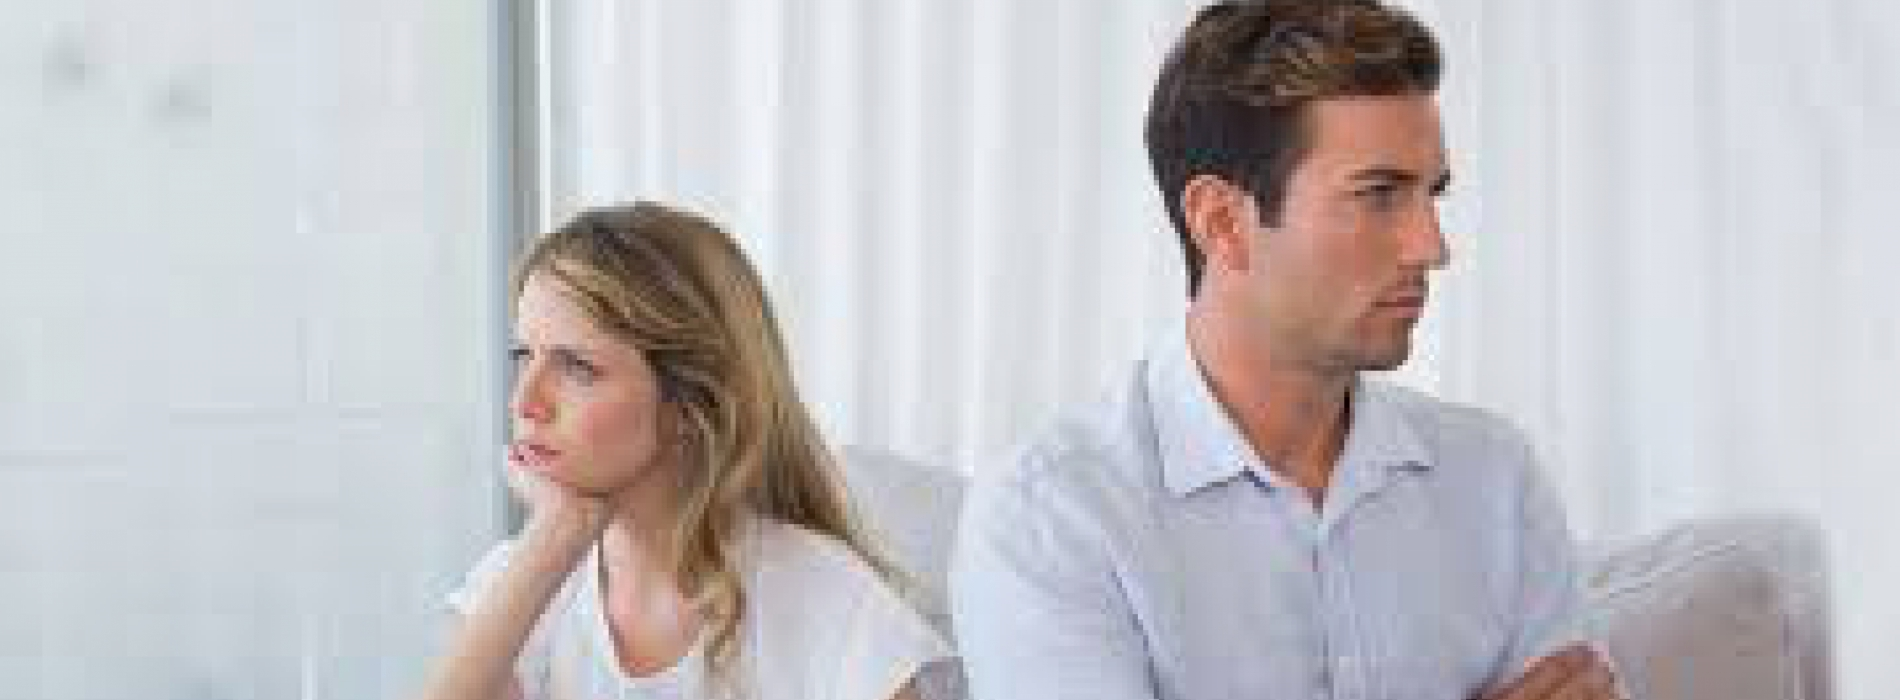 Házassági, párkapcsolati krízisek megoldása mediációval - Eseményünk TELT házas!